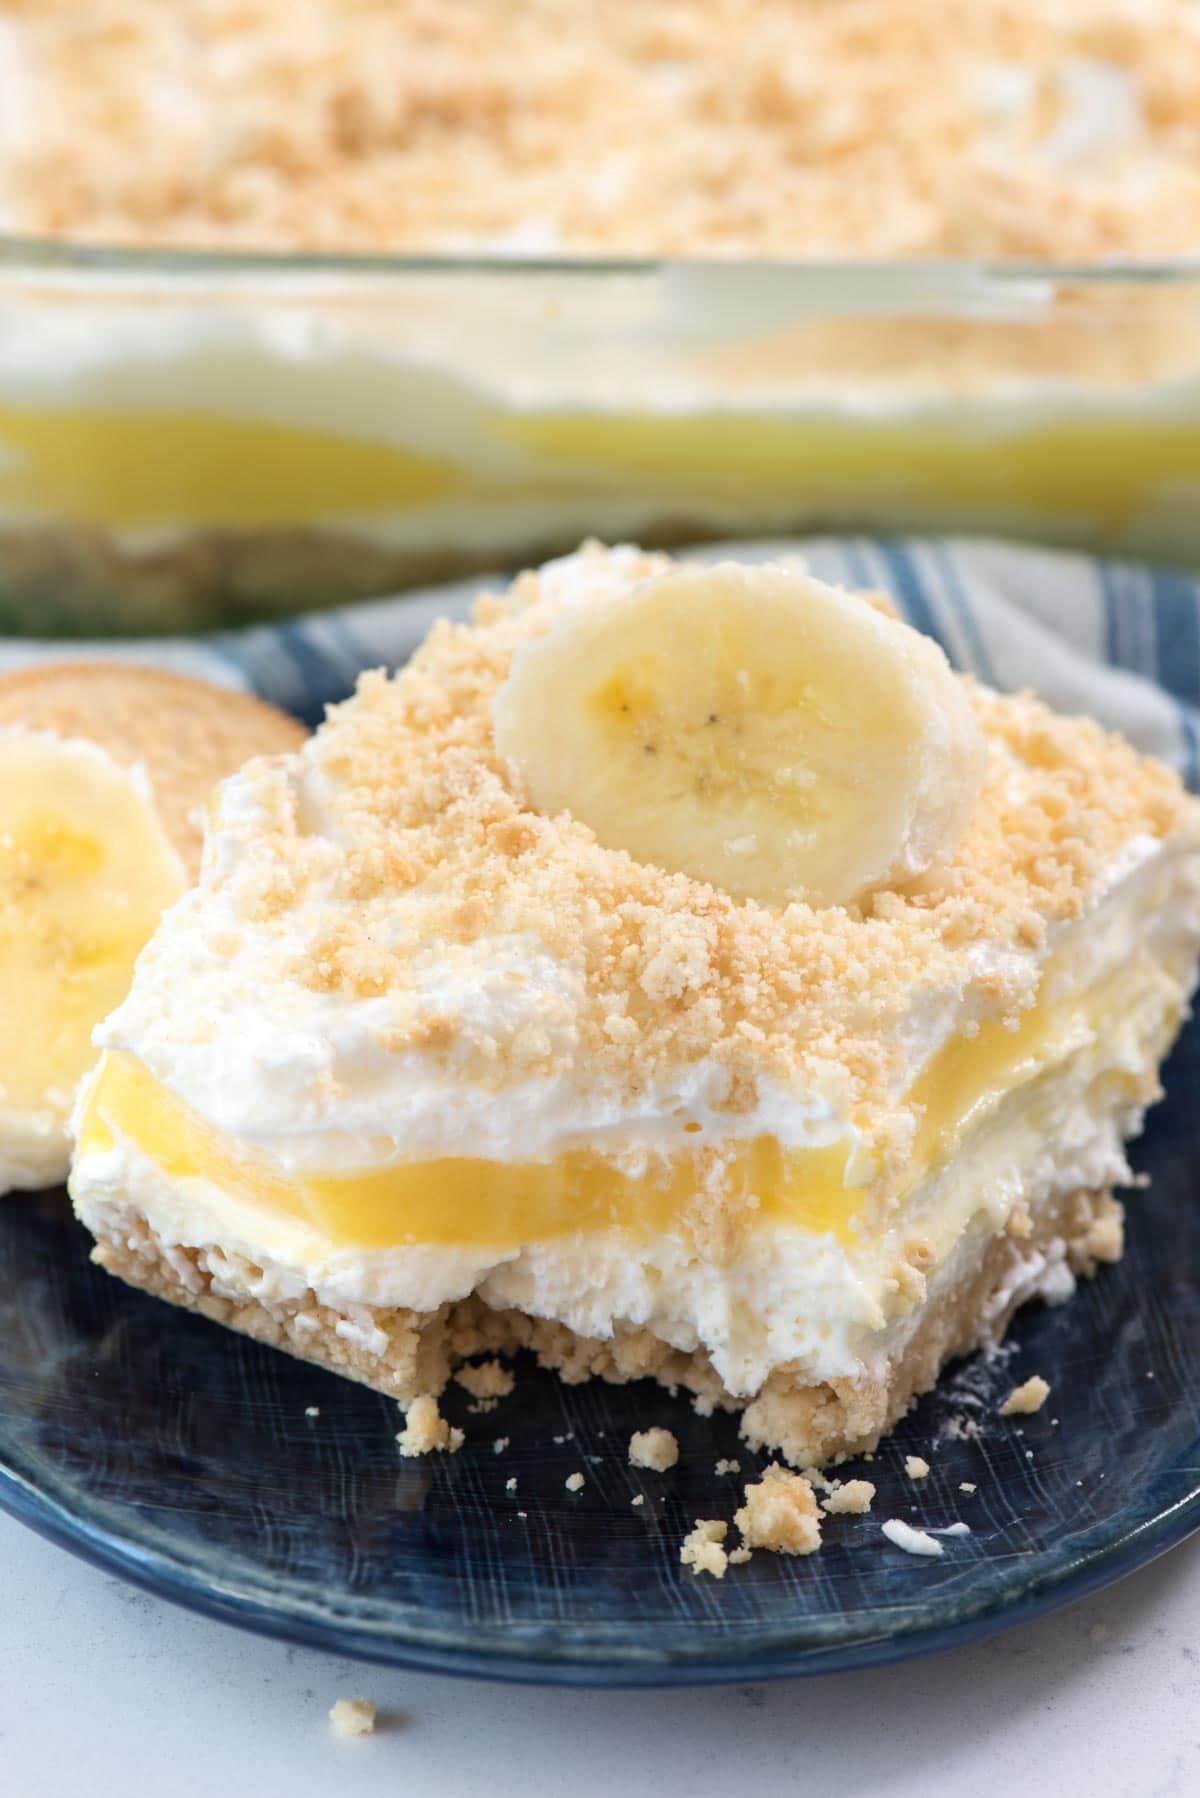 Pudding Dessert Recipe  No Bake Banana Pudding Dream Dessert Crazy for Crust